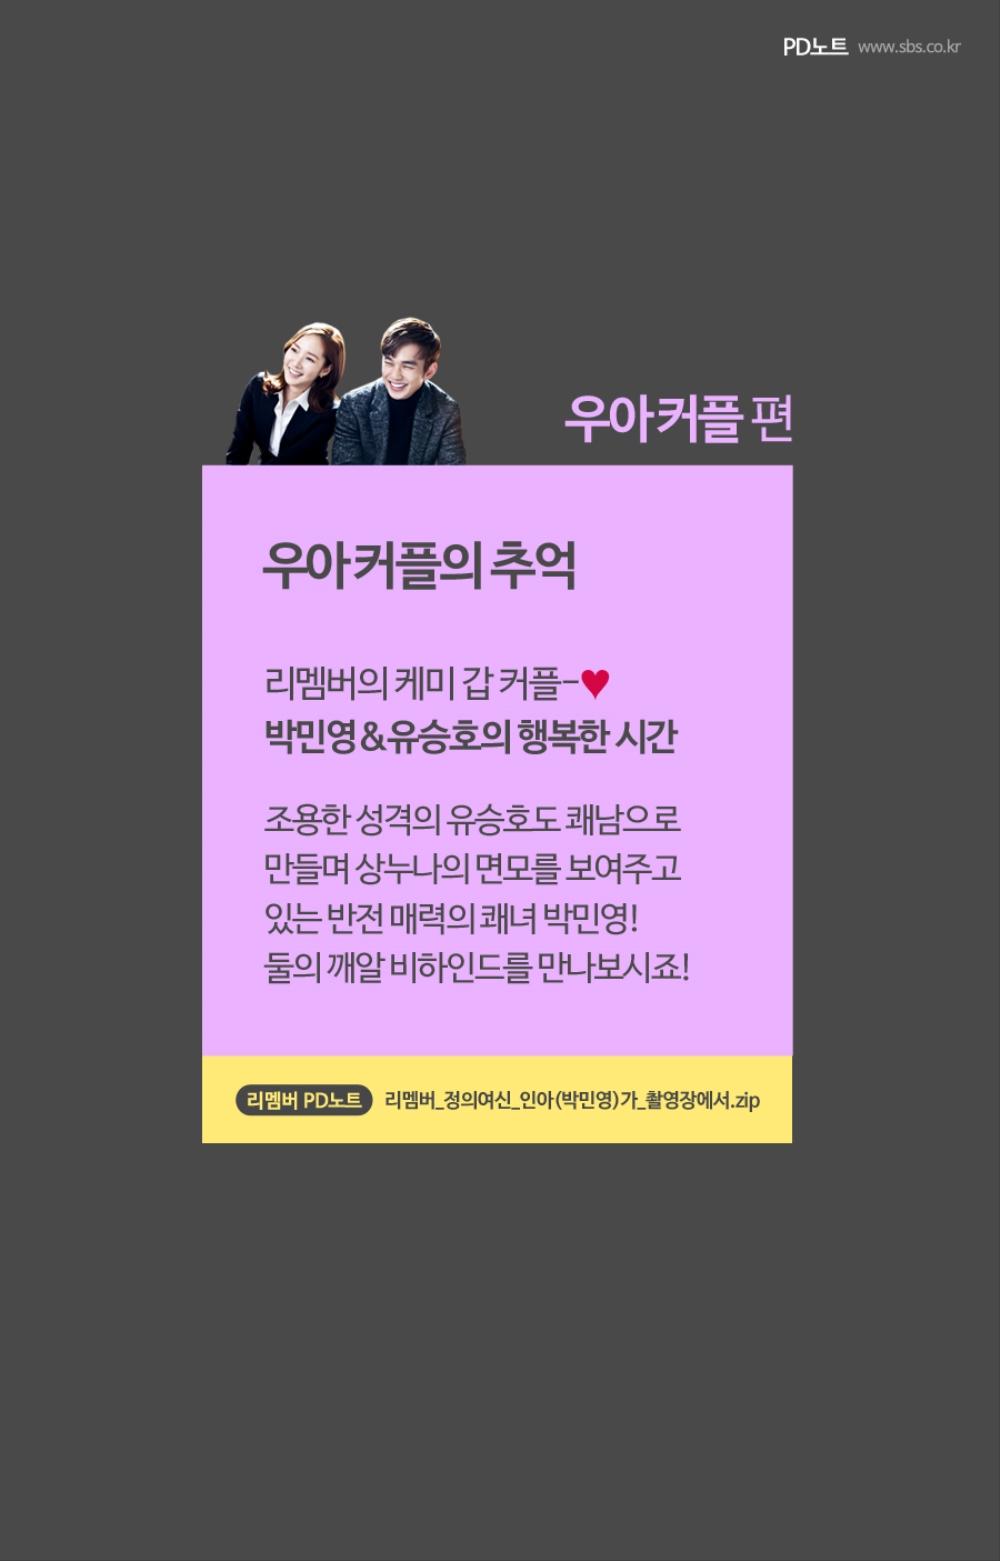 우아 커플 편, 리멤버의 케미 갑 커플! 쾌남 유승호와 쾌녀 박민영의 커플 비하인드 사진 모음